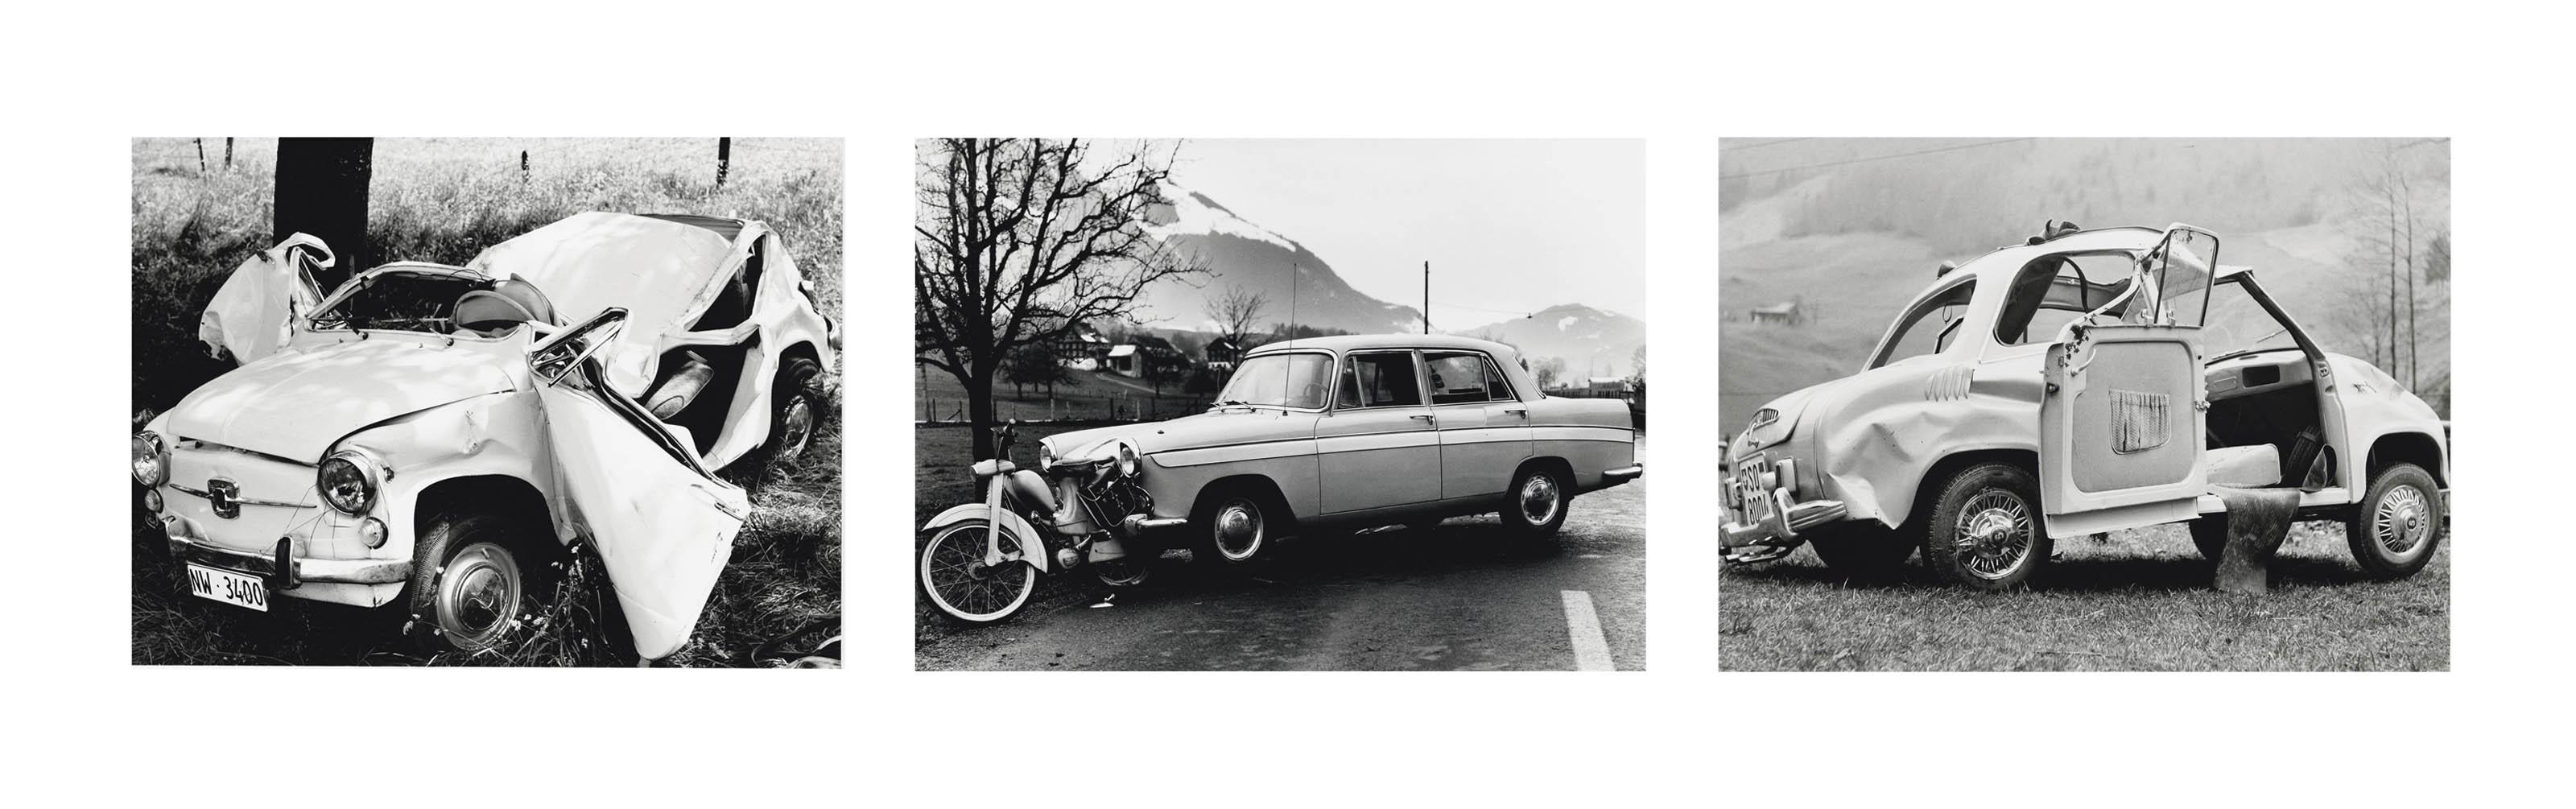 Sammelnummer von drei Fotografien: Stansstad, 1967  Stans, 1959  Wolfenschiessen, 1957 (Aus der Serie Karambolage)